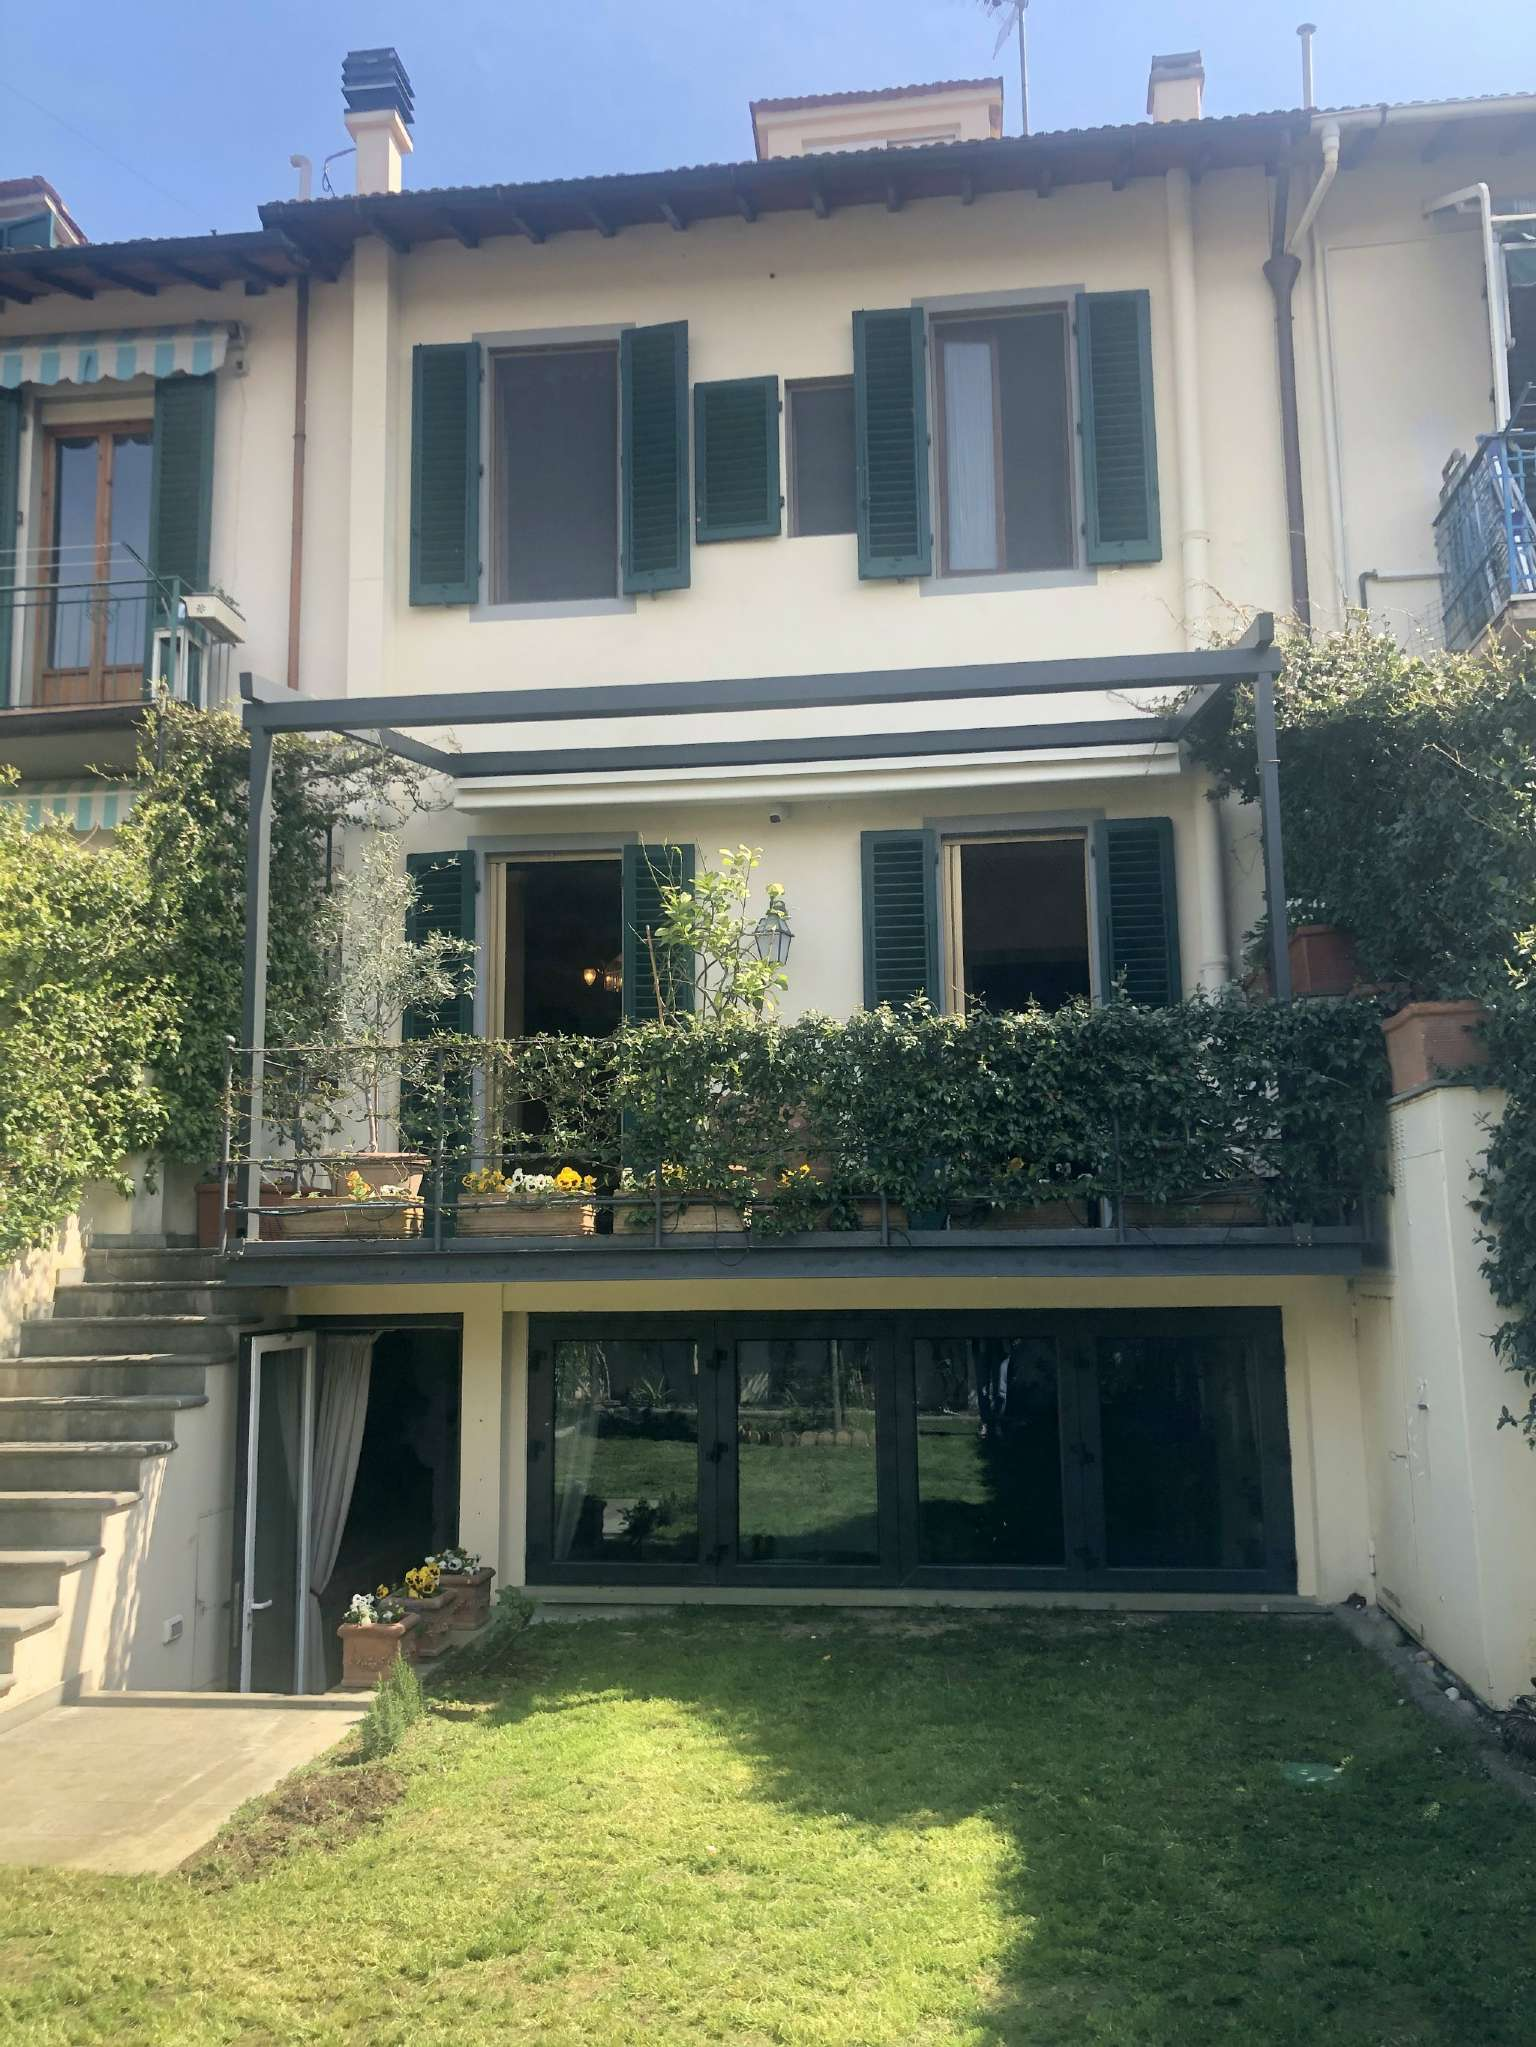 Villa in Vendita a Firenze Semicentro Nord: 5 locali, 210 mq